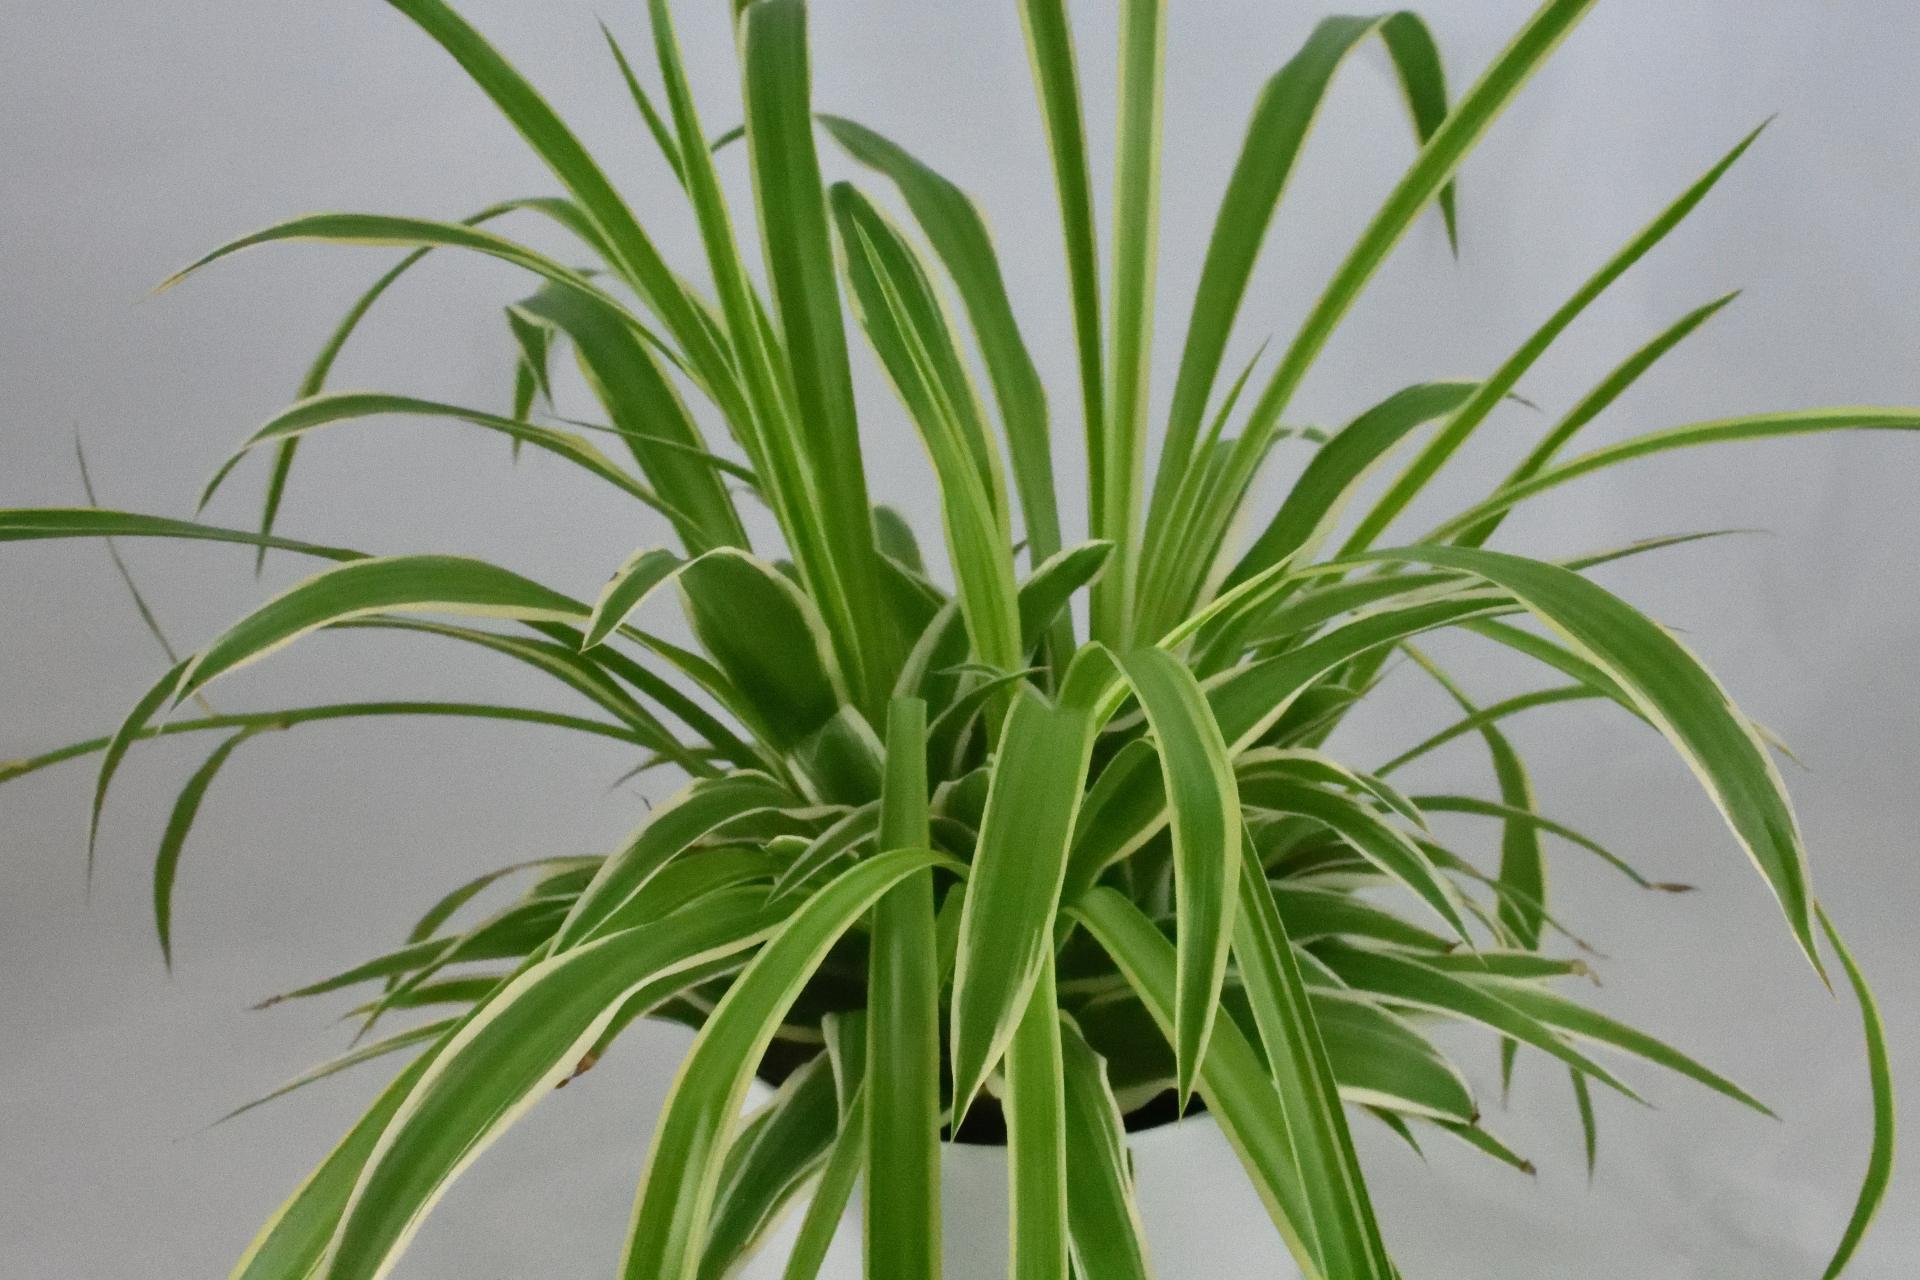 Eine Grünlilie (Chlorophytum) als Zimmerpflanze mit seitlich weiß gezeichneten Blättern.